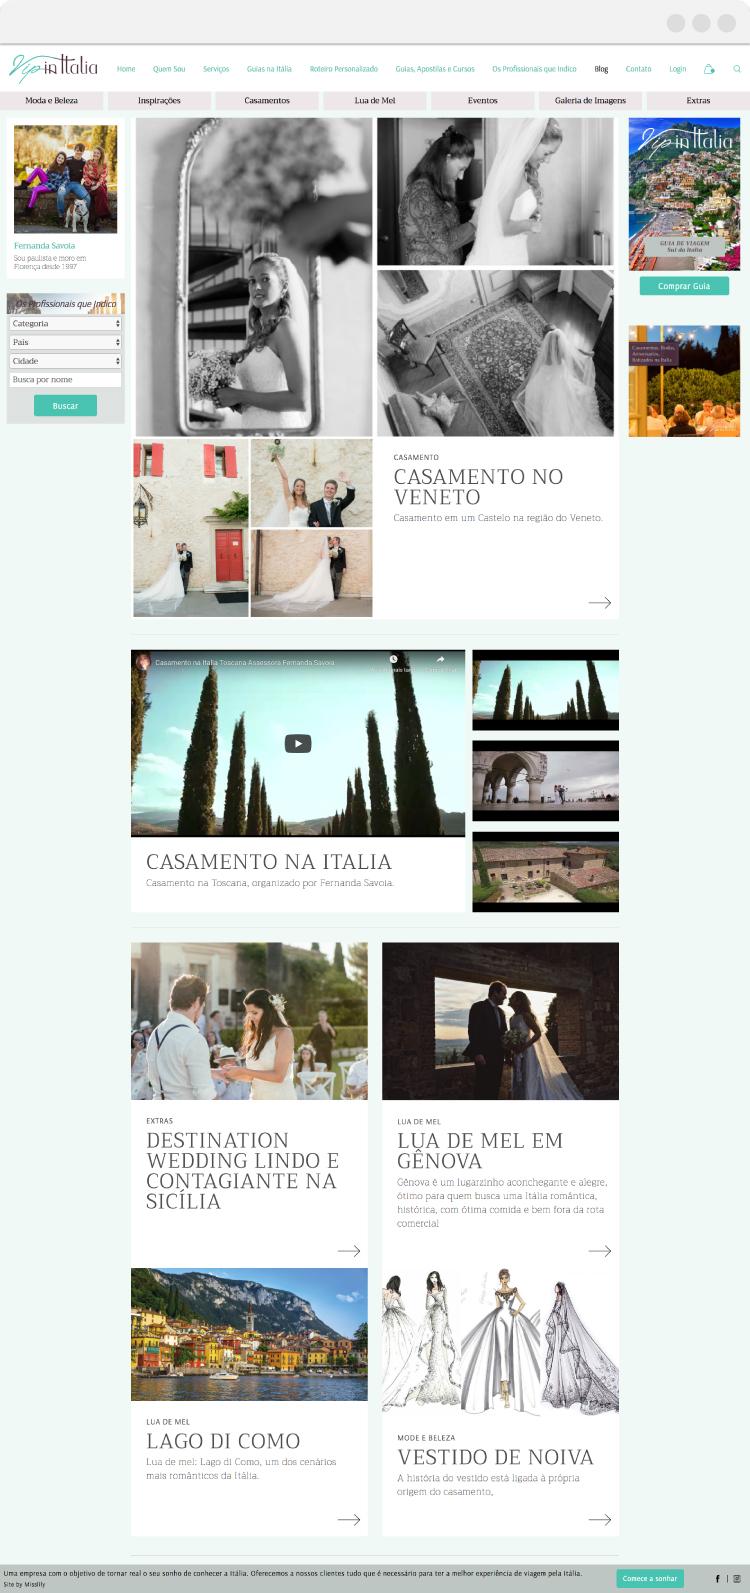 vip_in_italia_site3